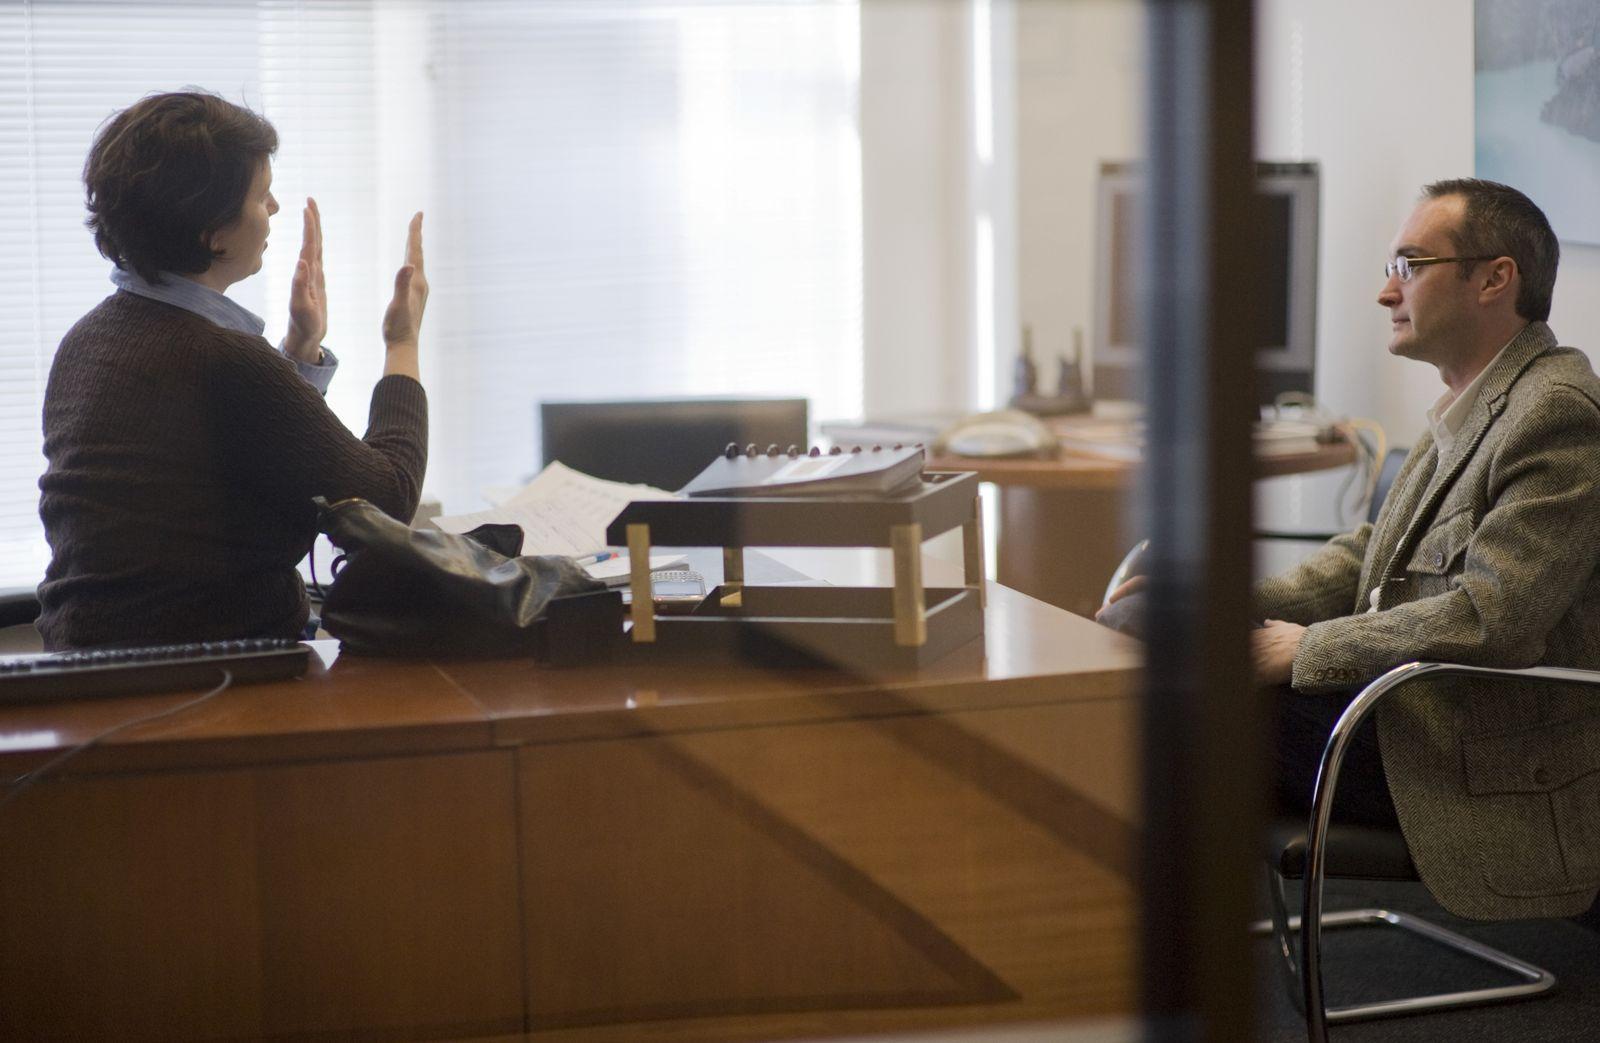 NICHT MEHR VERWENDEN! - Symbolbild Geschäftsleben / Einstellungsgespräch / Gehaltsverhandlung